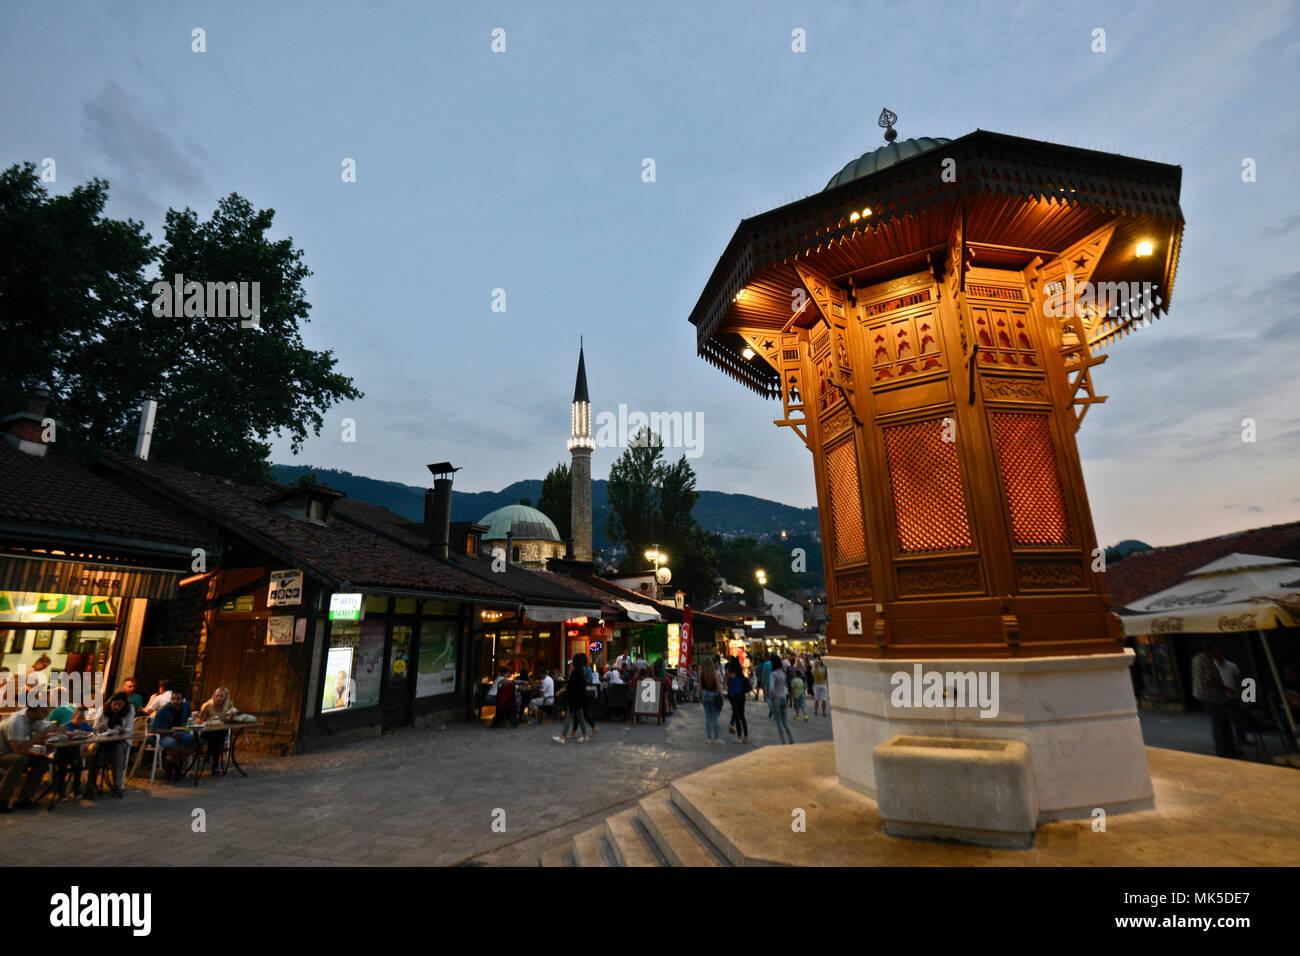 Sebilj Brunnen (Fountain), Sarajevo old bazaar, Bascarsija, Bosnia - Stock Image